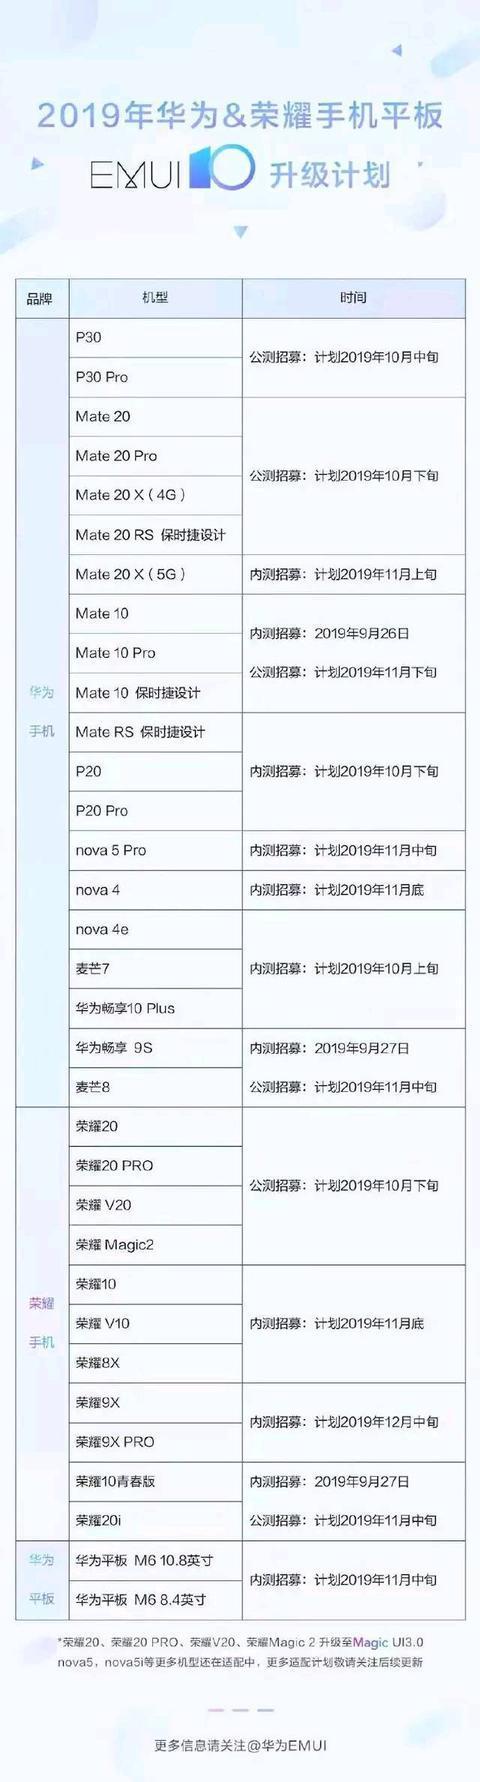 升级尝鲜EMUI10    2019年10月下旬公测的手机